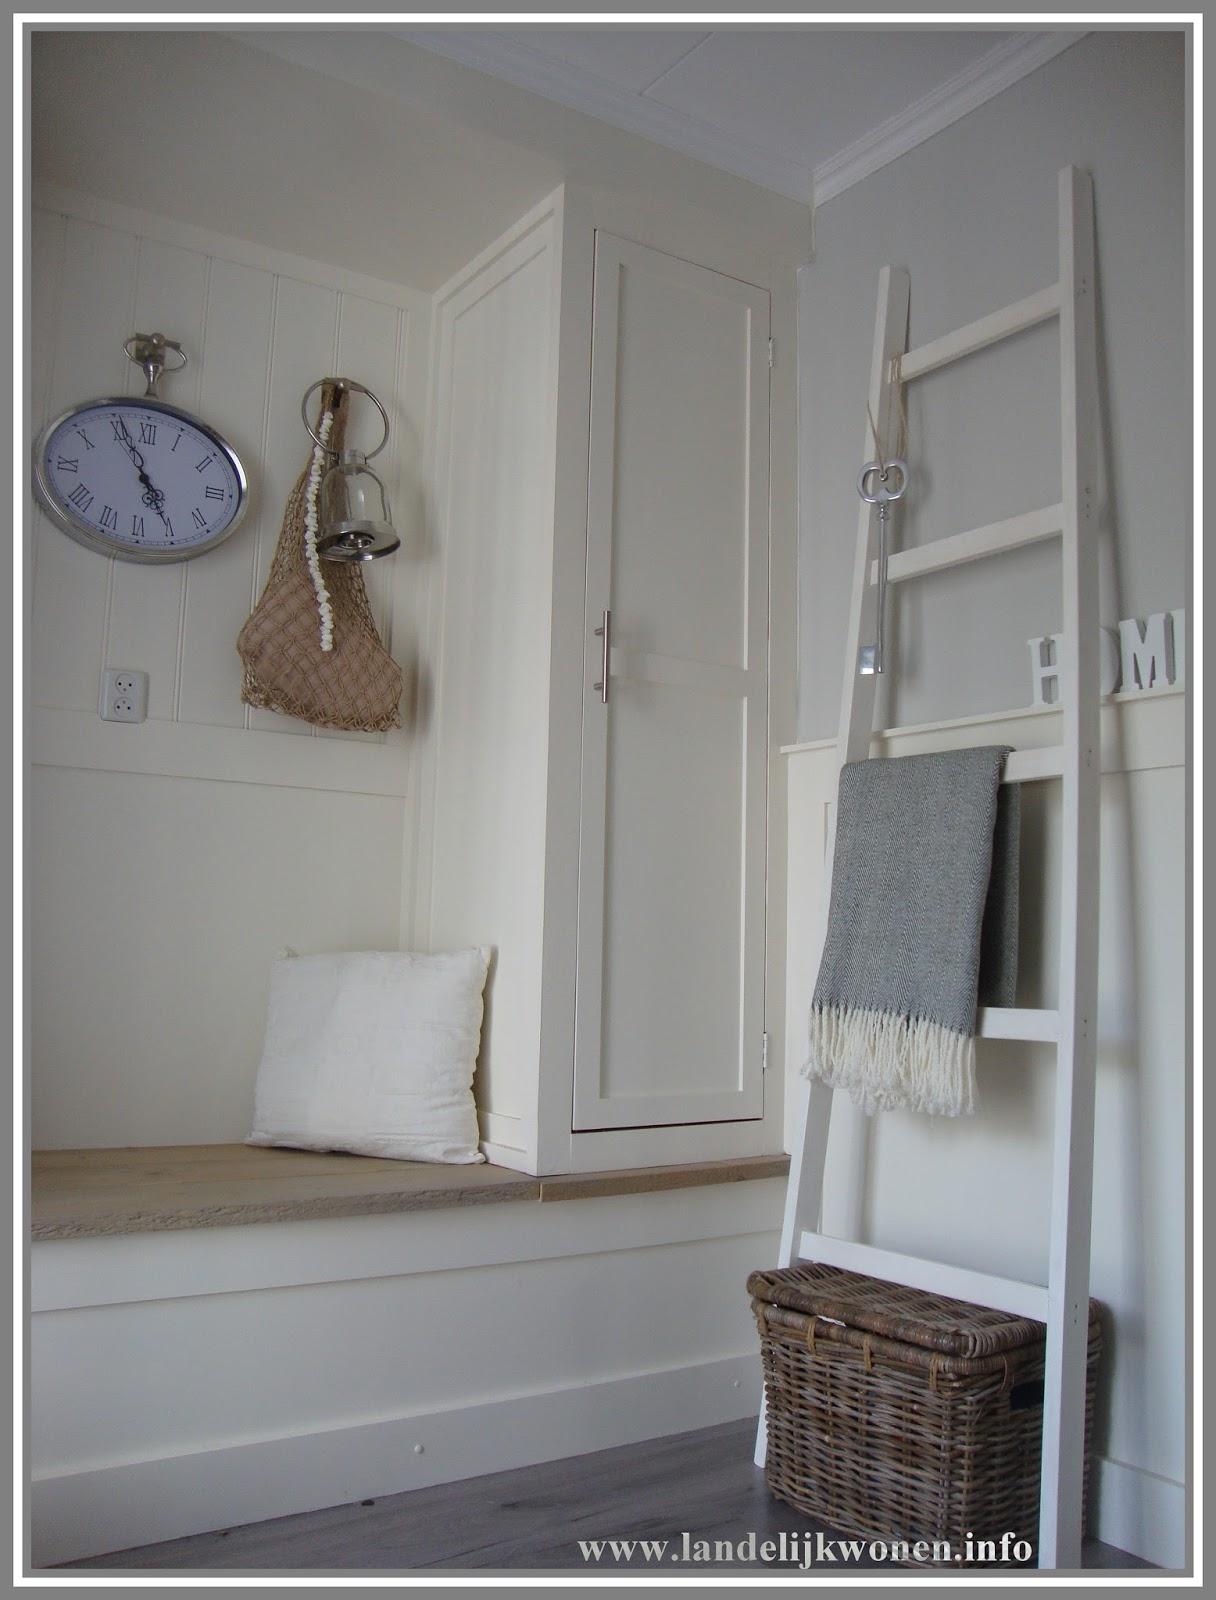 Landelijk wonen interieur idee decoratieve ladder zelf maken - Home decoratie interieur trap ...